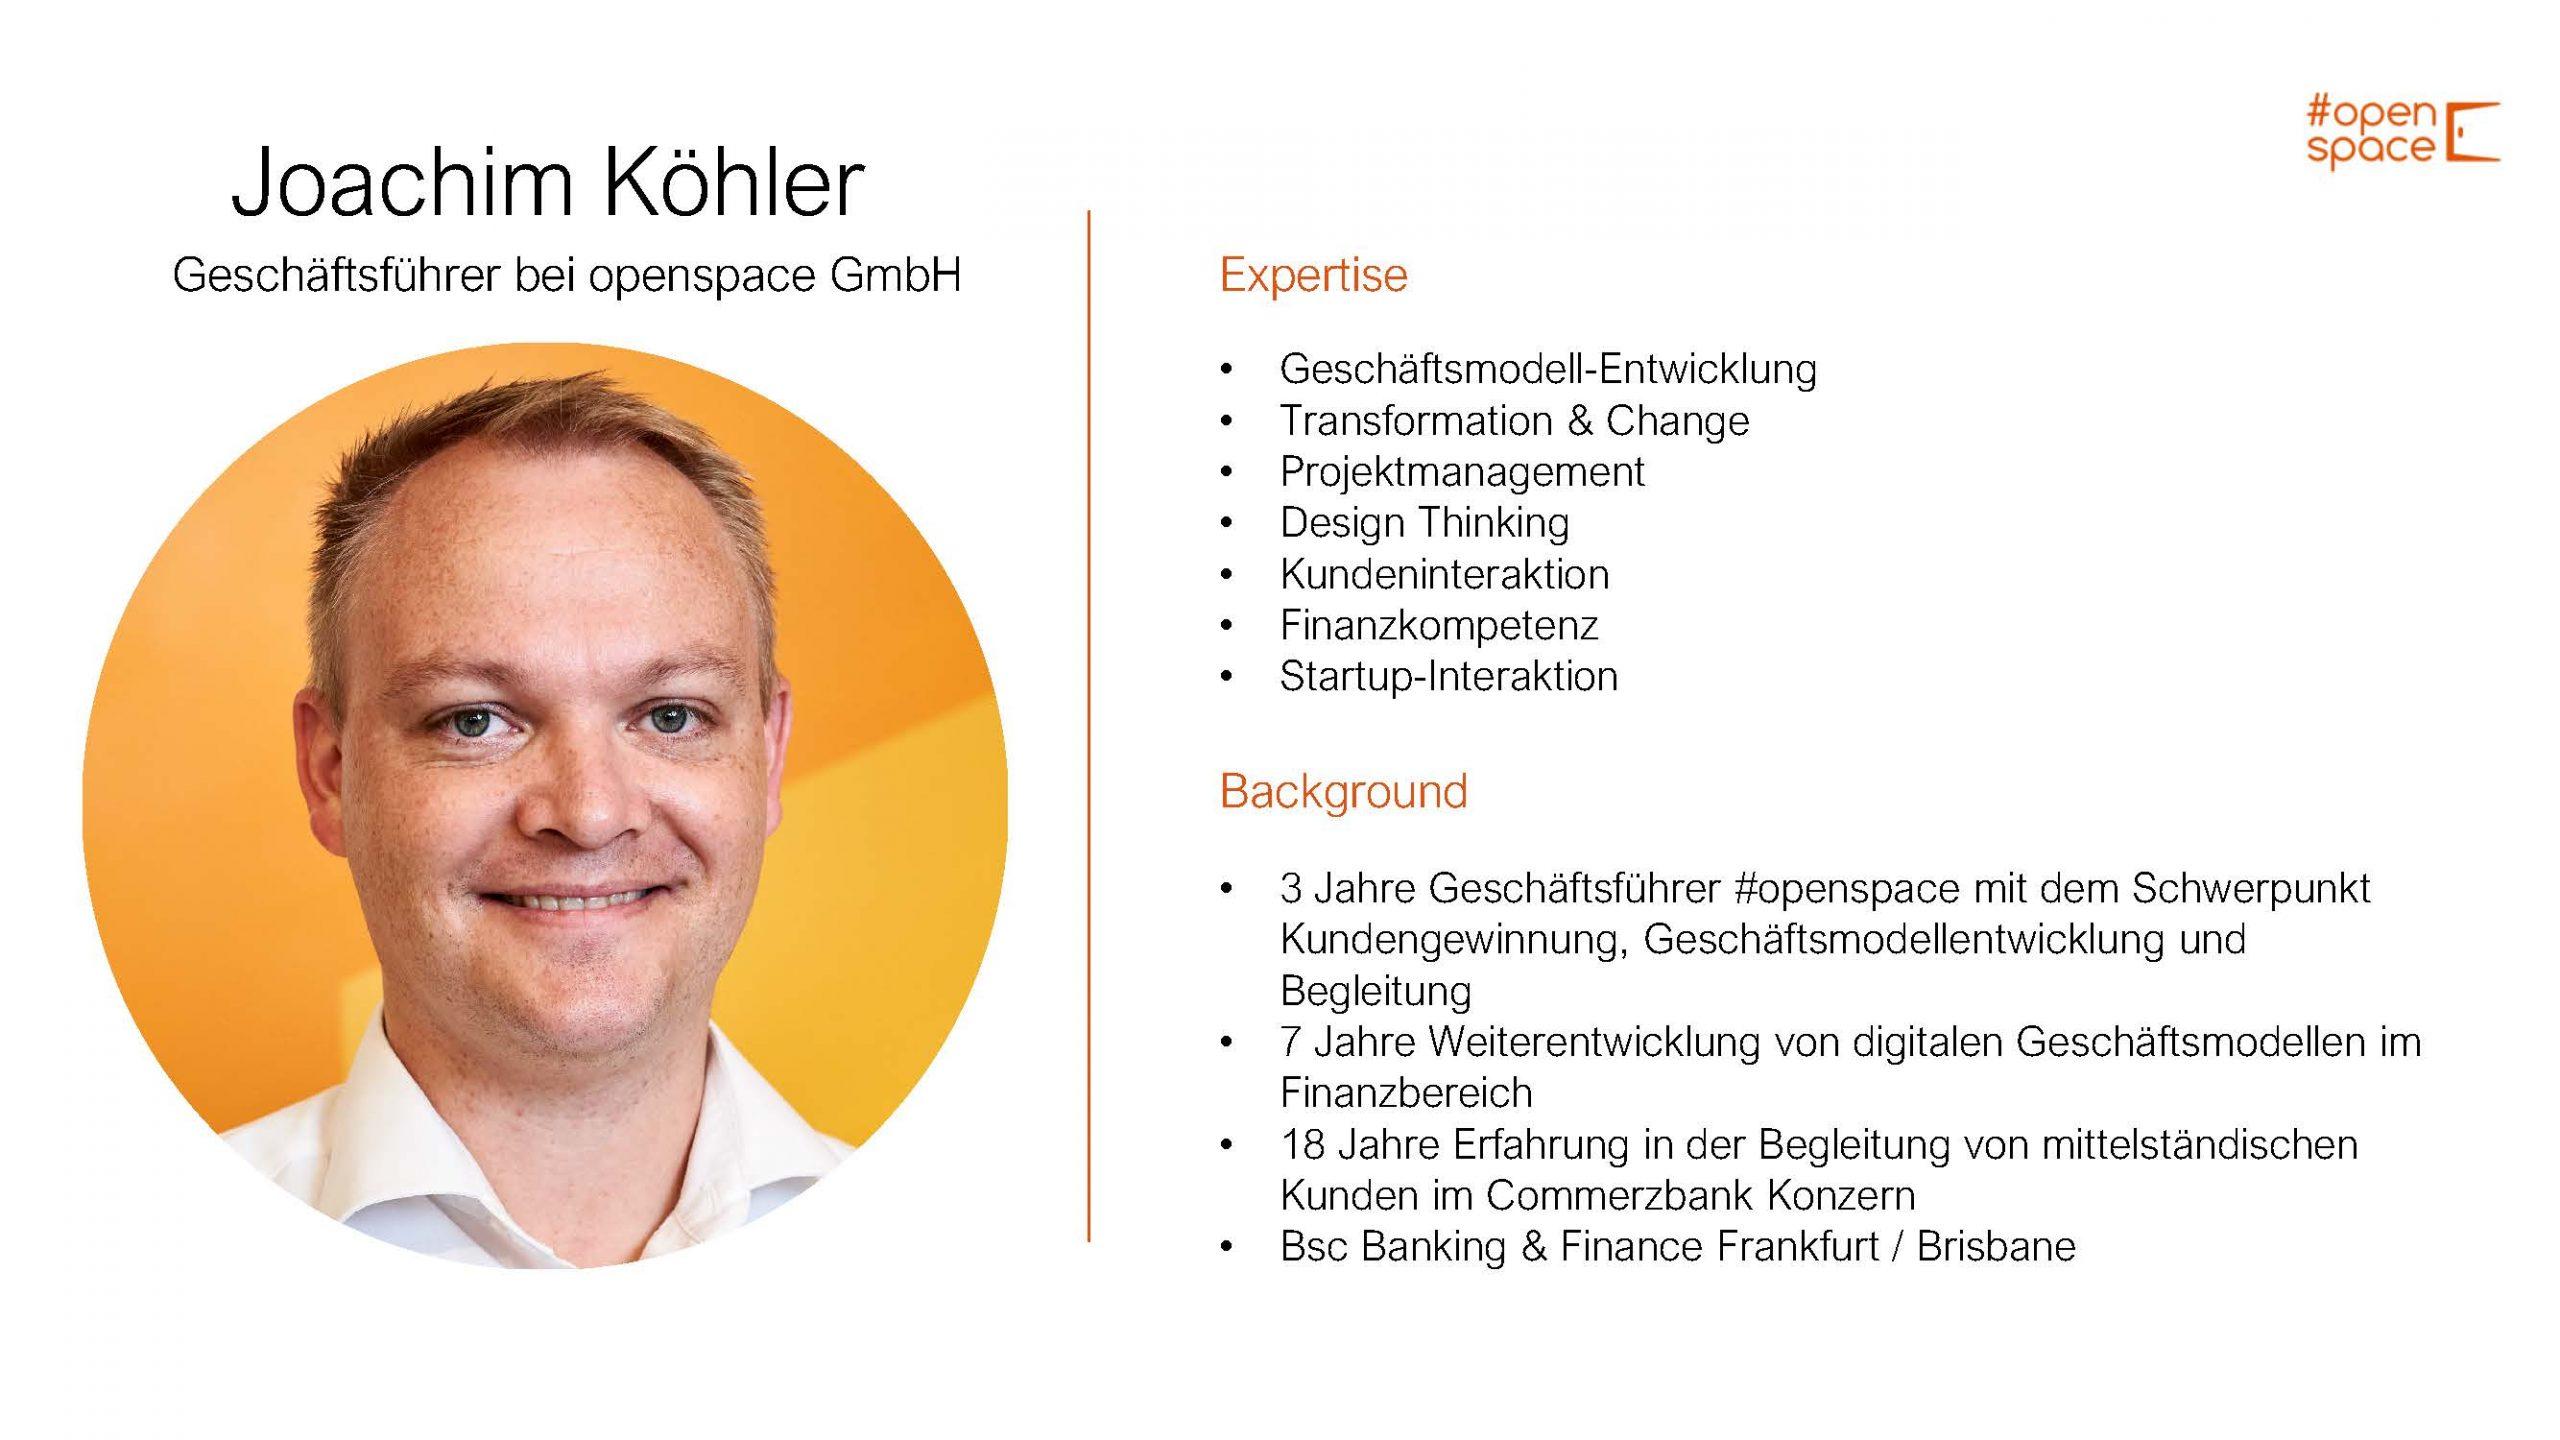 Joachim Köhler